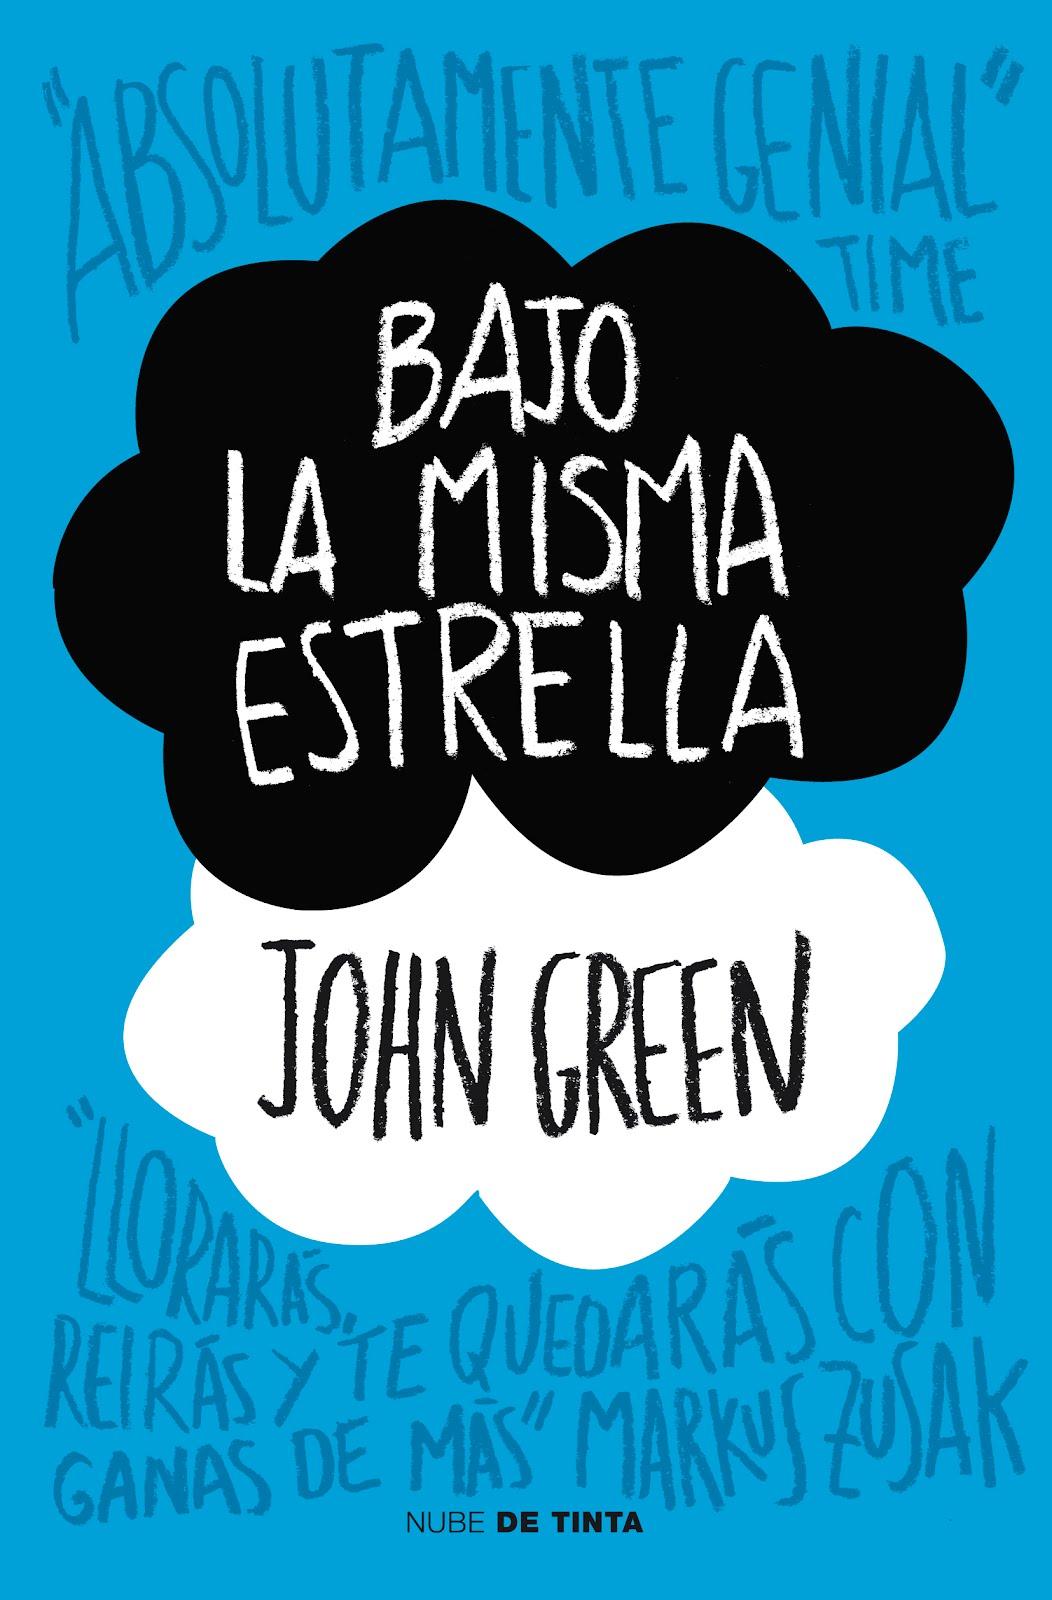 http://libroataque.blogspot.com.es/2013/06/bajo-la-misma-estrella-john-green.html